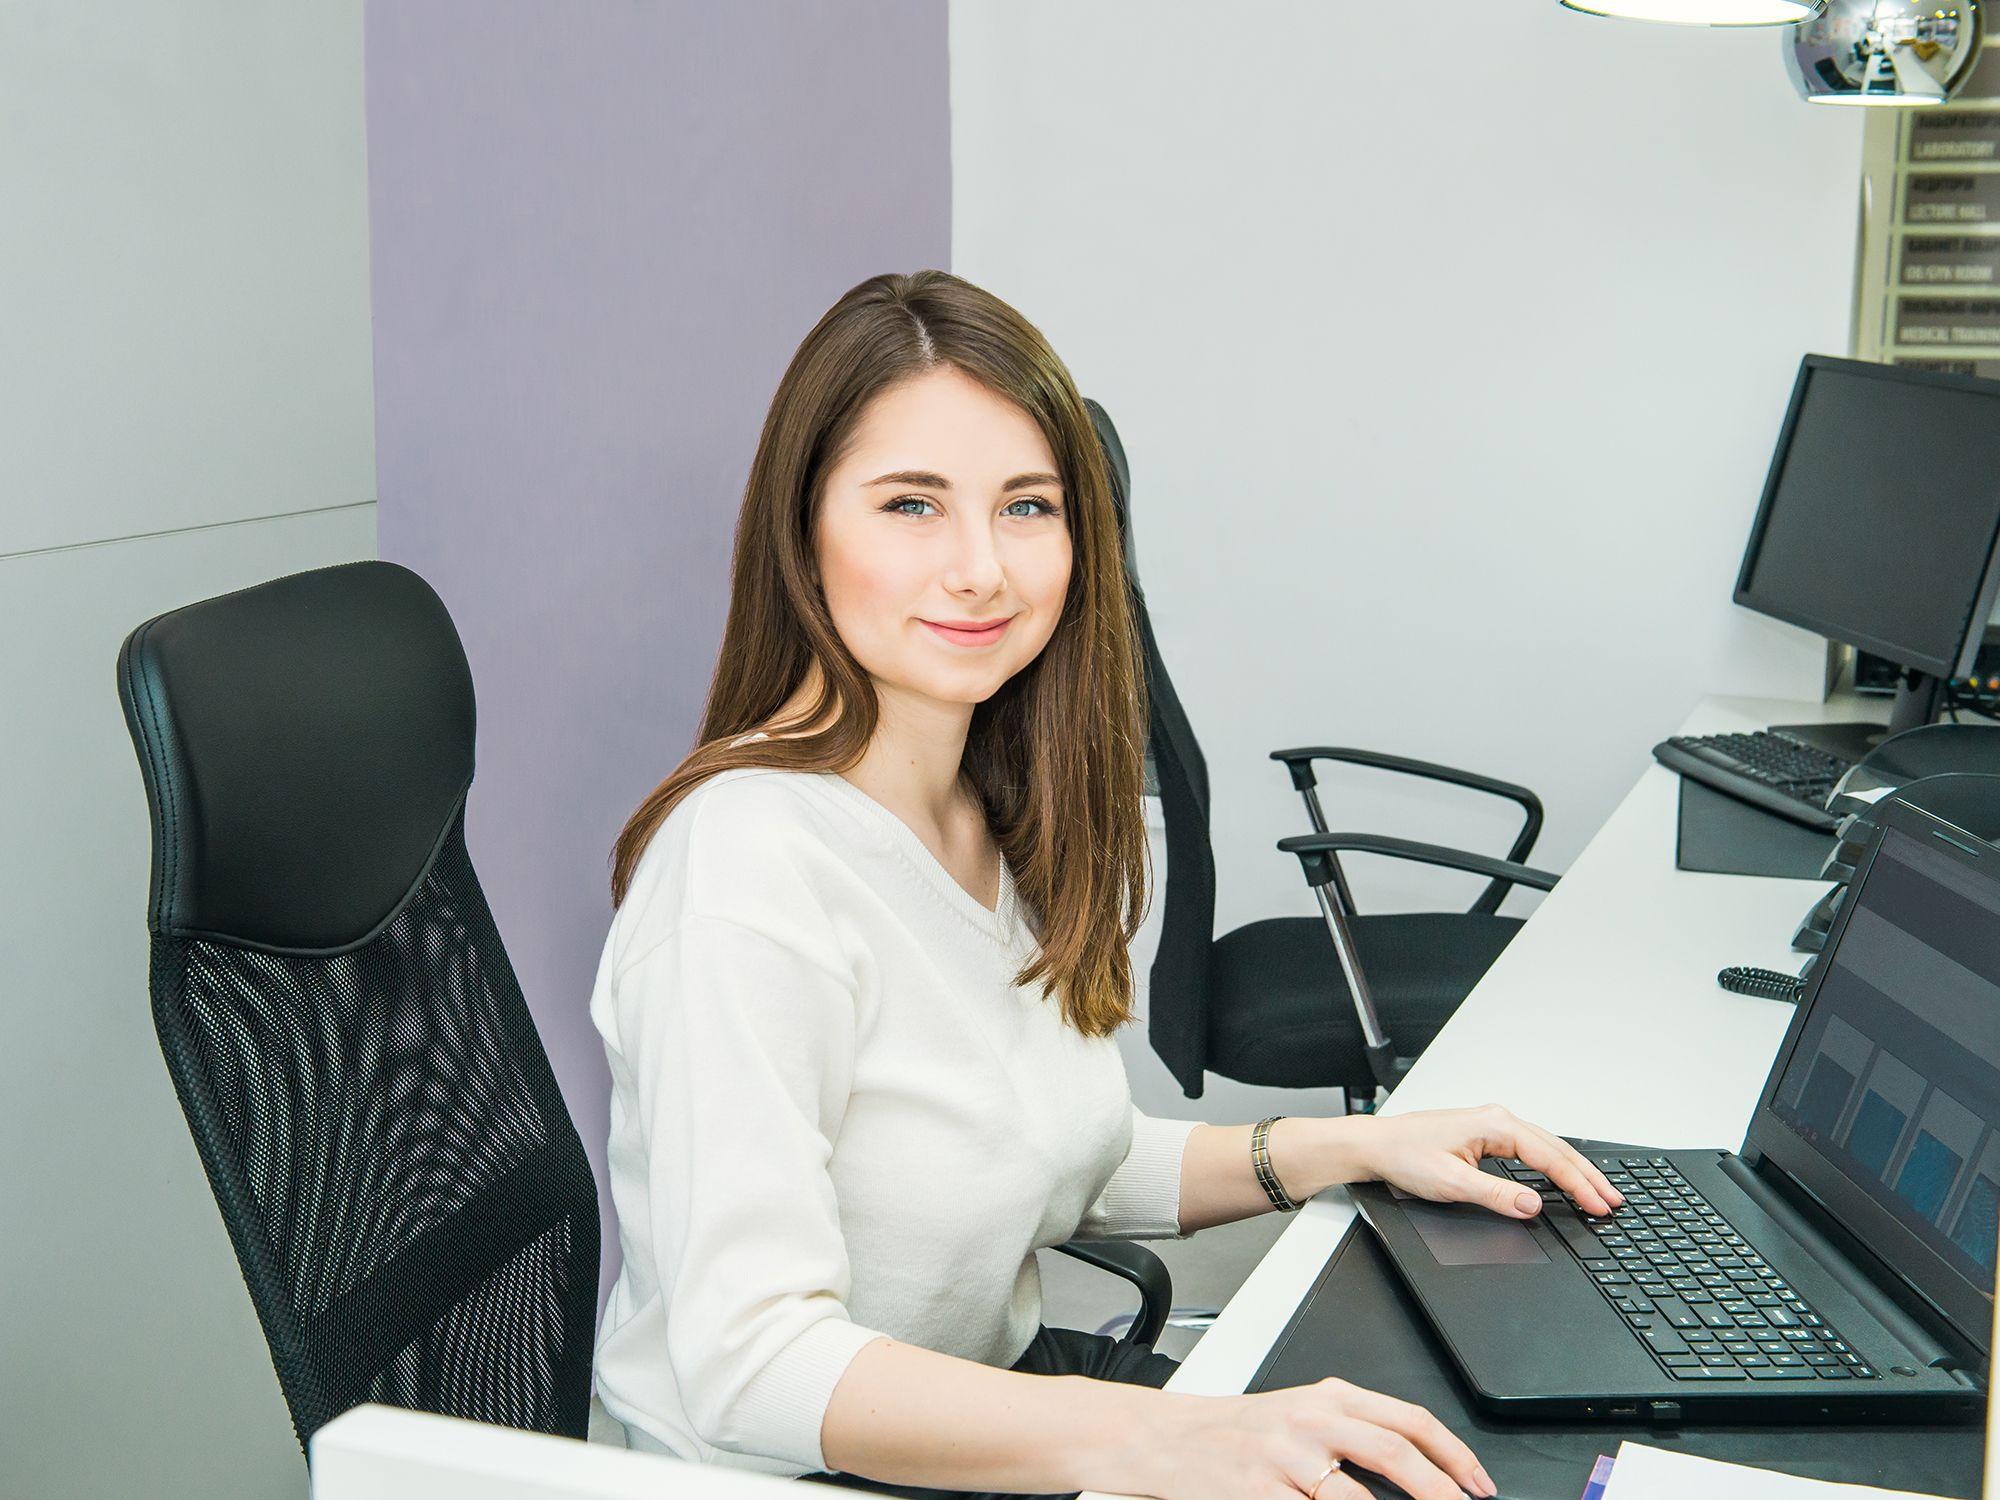 Level 1 - Büroassistenten, Büroassistentinnen, Büroassistent, Assistenz der Geschäftsführung, Büro Assistenz, Bürohilfskraft, Bürofachkraft, Büroangestellten, Bürohilfen, Bürofachkraft, Assistenten und Bürokraft, Leiharbeiter, Zeitarbeiter, Leiharbeitnehmer, Leihkraft, Temporärarbeiter für Büros, Büroarbeit, Büroaufgaben, Bürotätigkeiten, Büroorganisation, Urlaubsvertretung und Rekrutierung bei uns als Personalagentur, Zeitarbeitsfirma, Zeitarbeitsunternehmen, Personal-Service-Agentur, Personaldienstleistungsagentur und Leiharbeitsfirma per Arbeitnehmer-Leasing, Arbeitnehmerüberlassung, Arbeitskräfte-Leasing, Arbeitskräfteüberlassung, Arbeitskraftüberlassung, Leiharbeit, Mitarbeiter-Leasing, Mitarbeiterleasing, Mitarbeiterüberlassung, Personaldienstleistung, Personalleasing, Personalüberlassung, Temporärarbeit, Zeitarbeit buchen, mieten, leihen oder langfristig neue Mitarbeiter für Jobs wie Büro Jobs, Schülerjobs, Ferienjobs, Aushilfsjobs, Studentenjobs, Werkstudentenjobs, Saisonjobs, Vollzeit Jobs, Teilzeit Jobs, Nebenjobs, Temporär Jobs, Gelegenheitsjobs per Personalvermittlung suchen, finden und vermittelt bekommen.